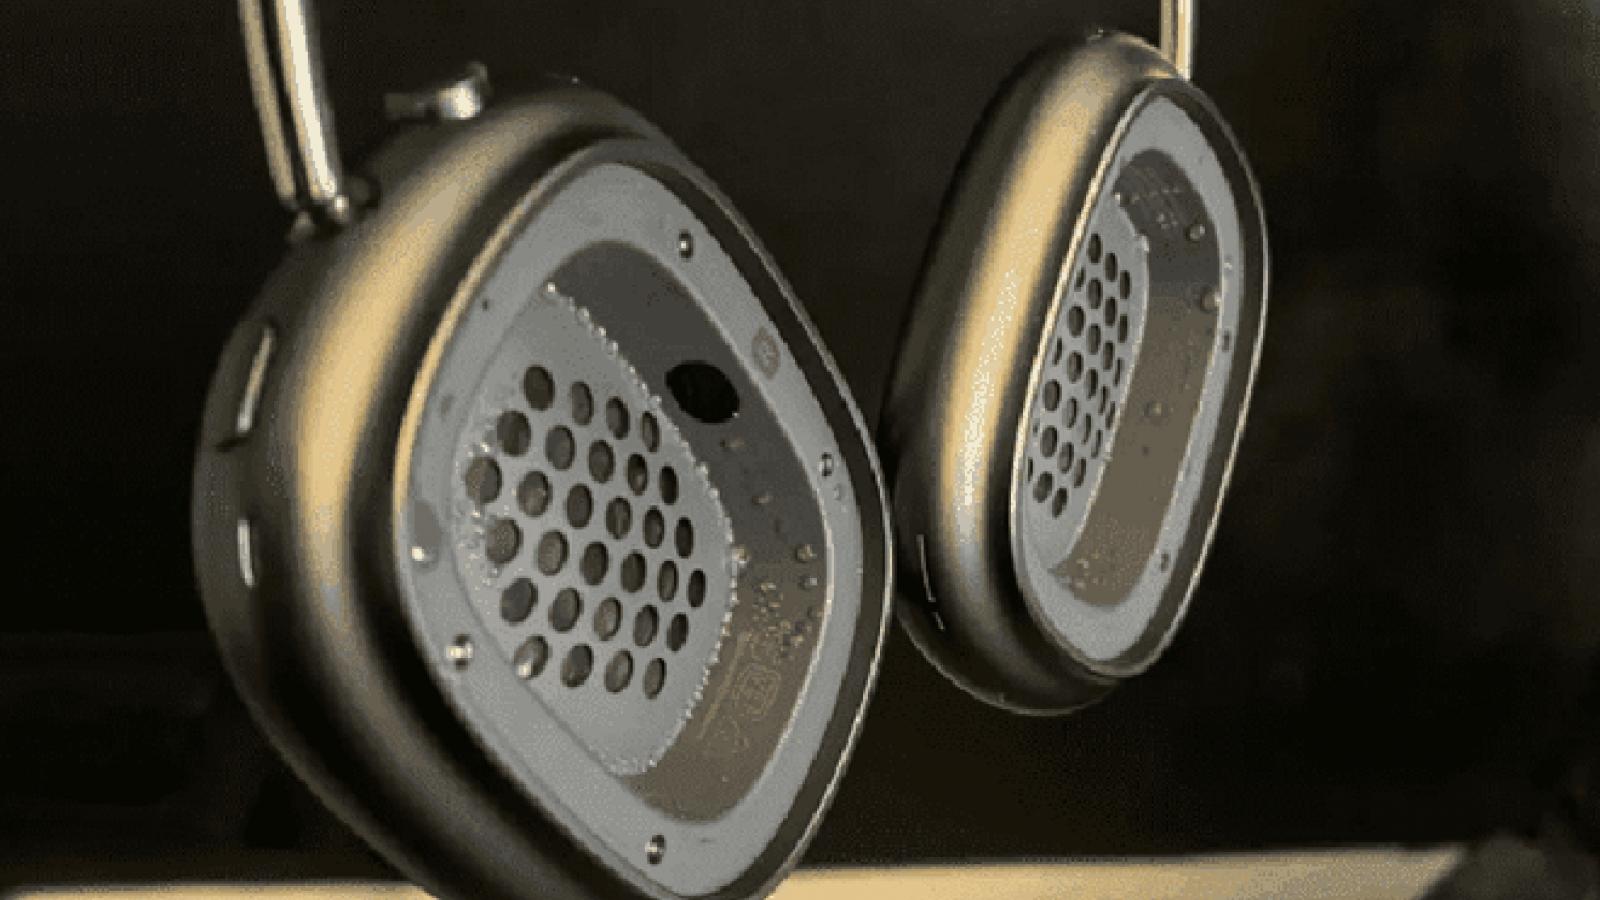 AirPods Max gặp sự cố ngưng tụ hơi nước trong cốc tai